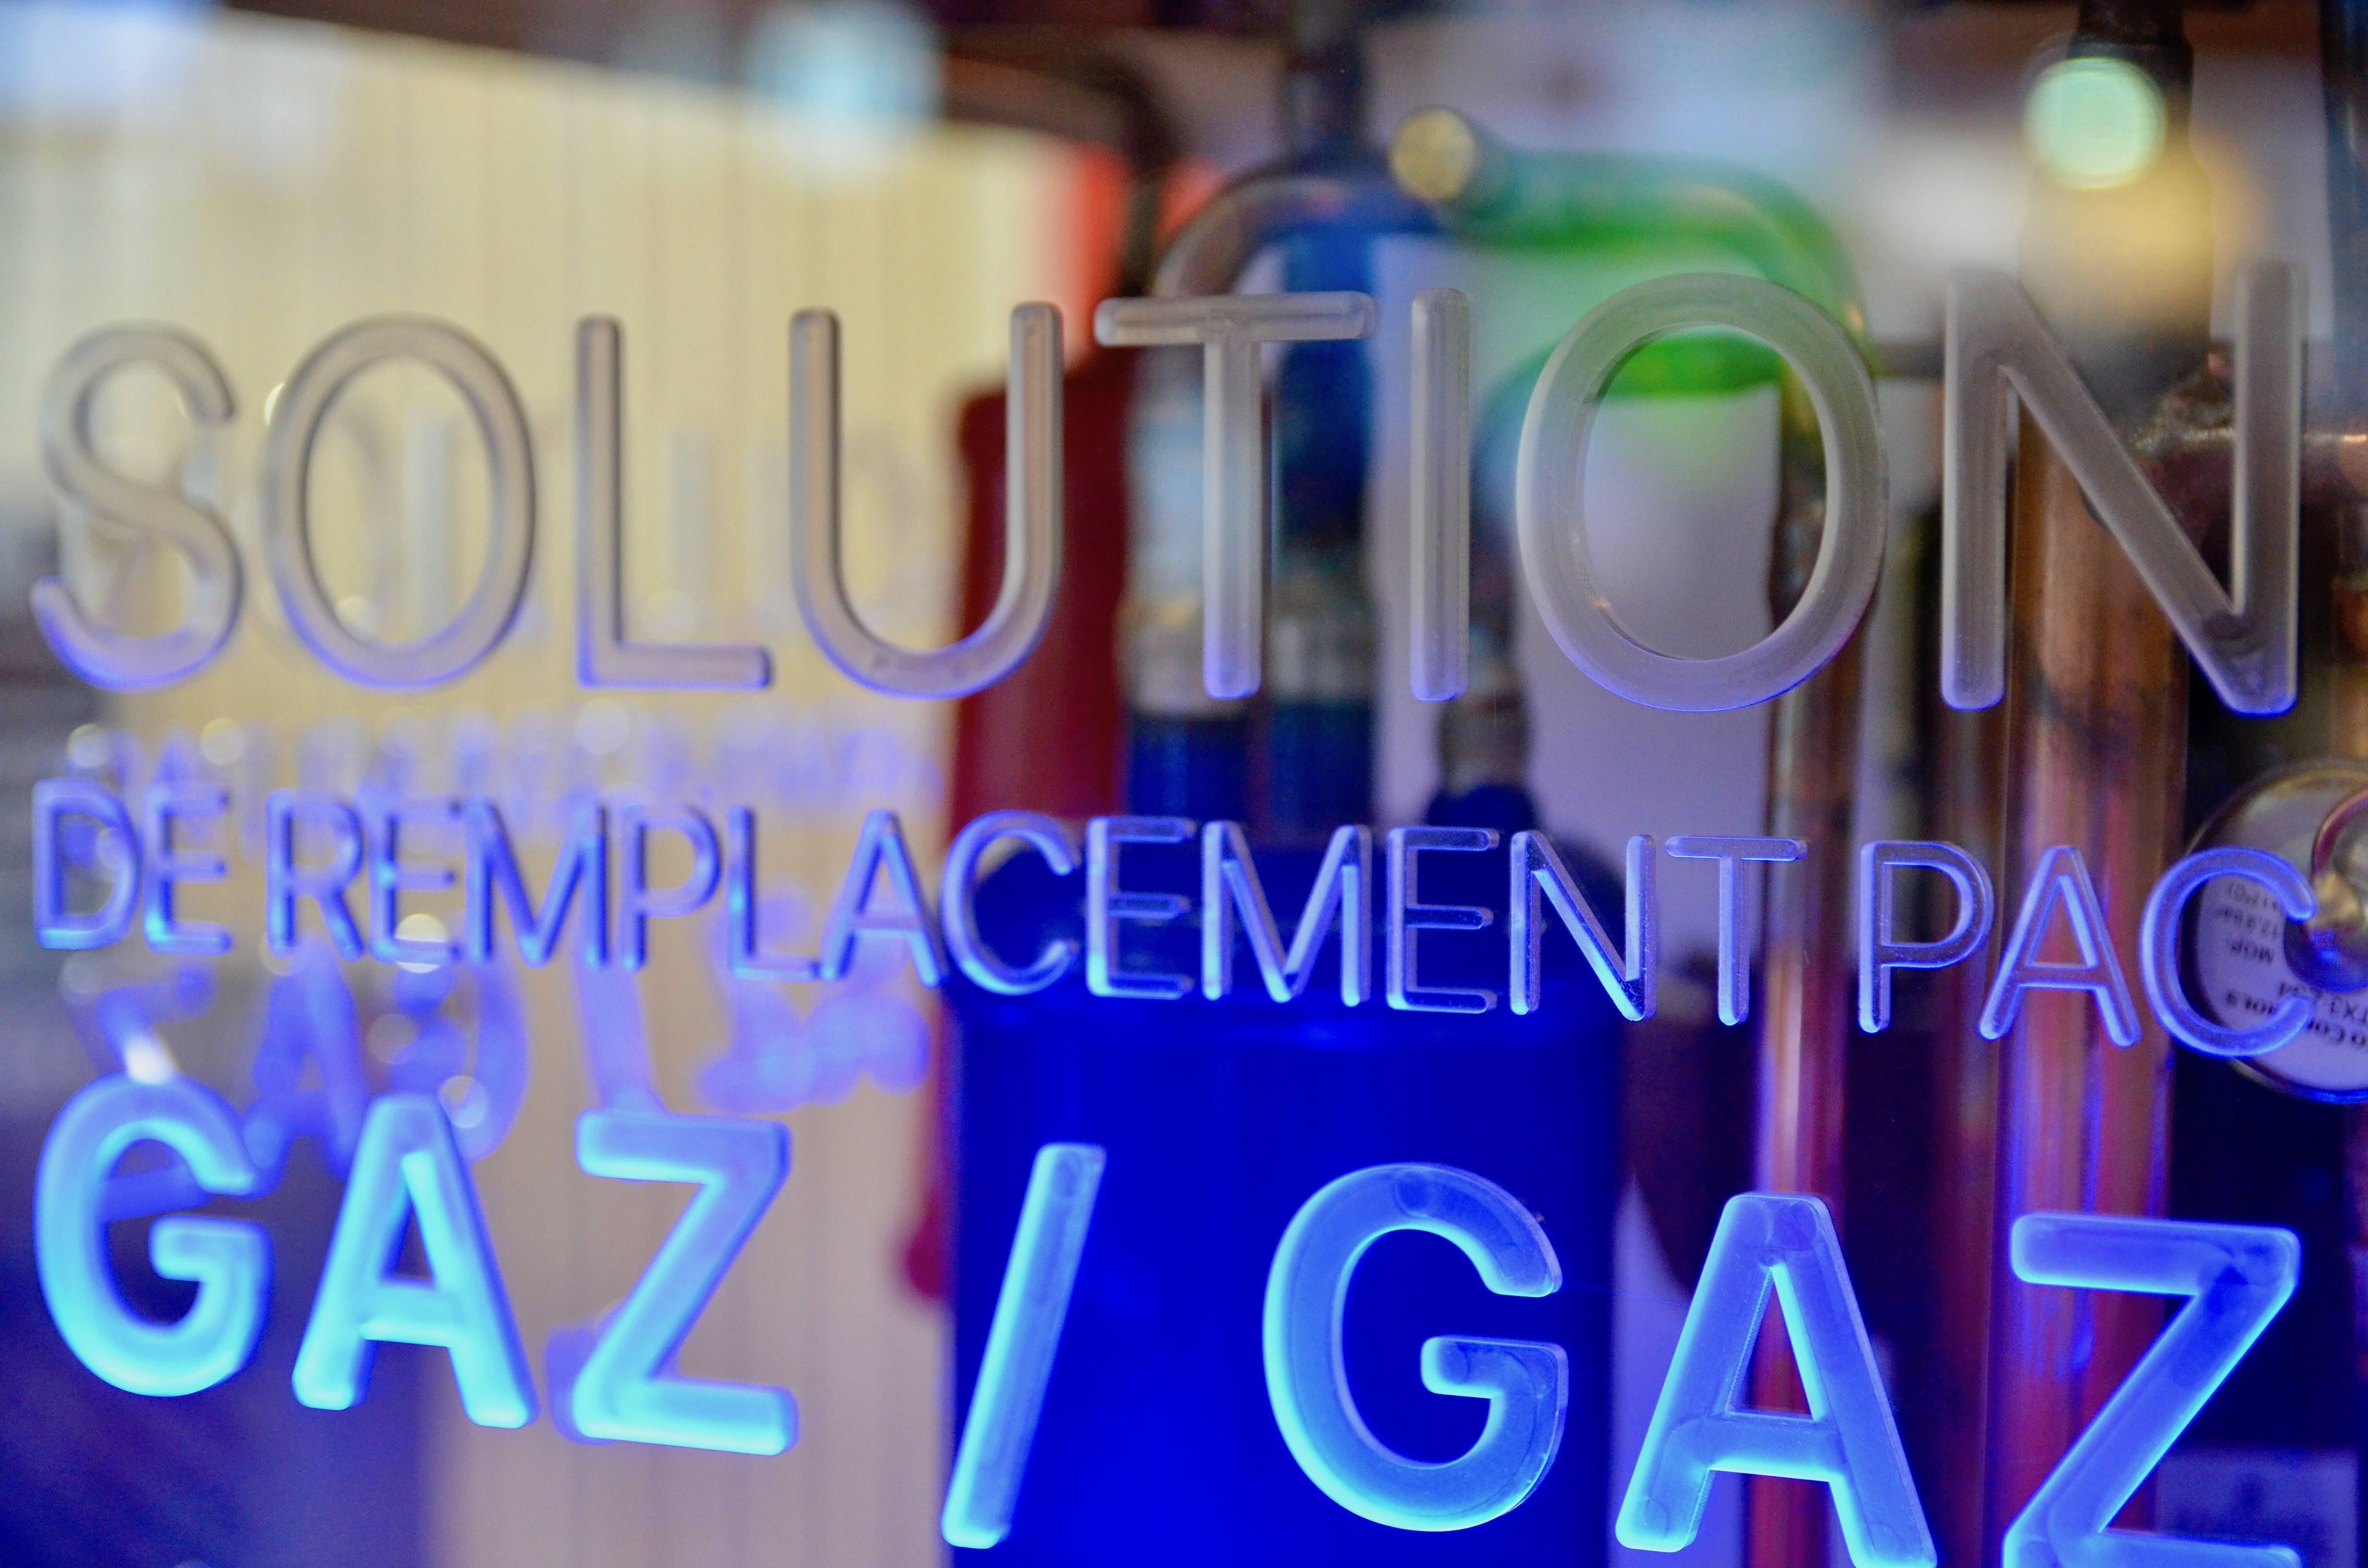 Solution de remplacement pompe à chaleur gaz/gaz au R32 vitrine LED